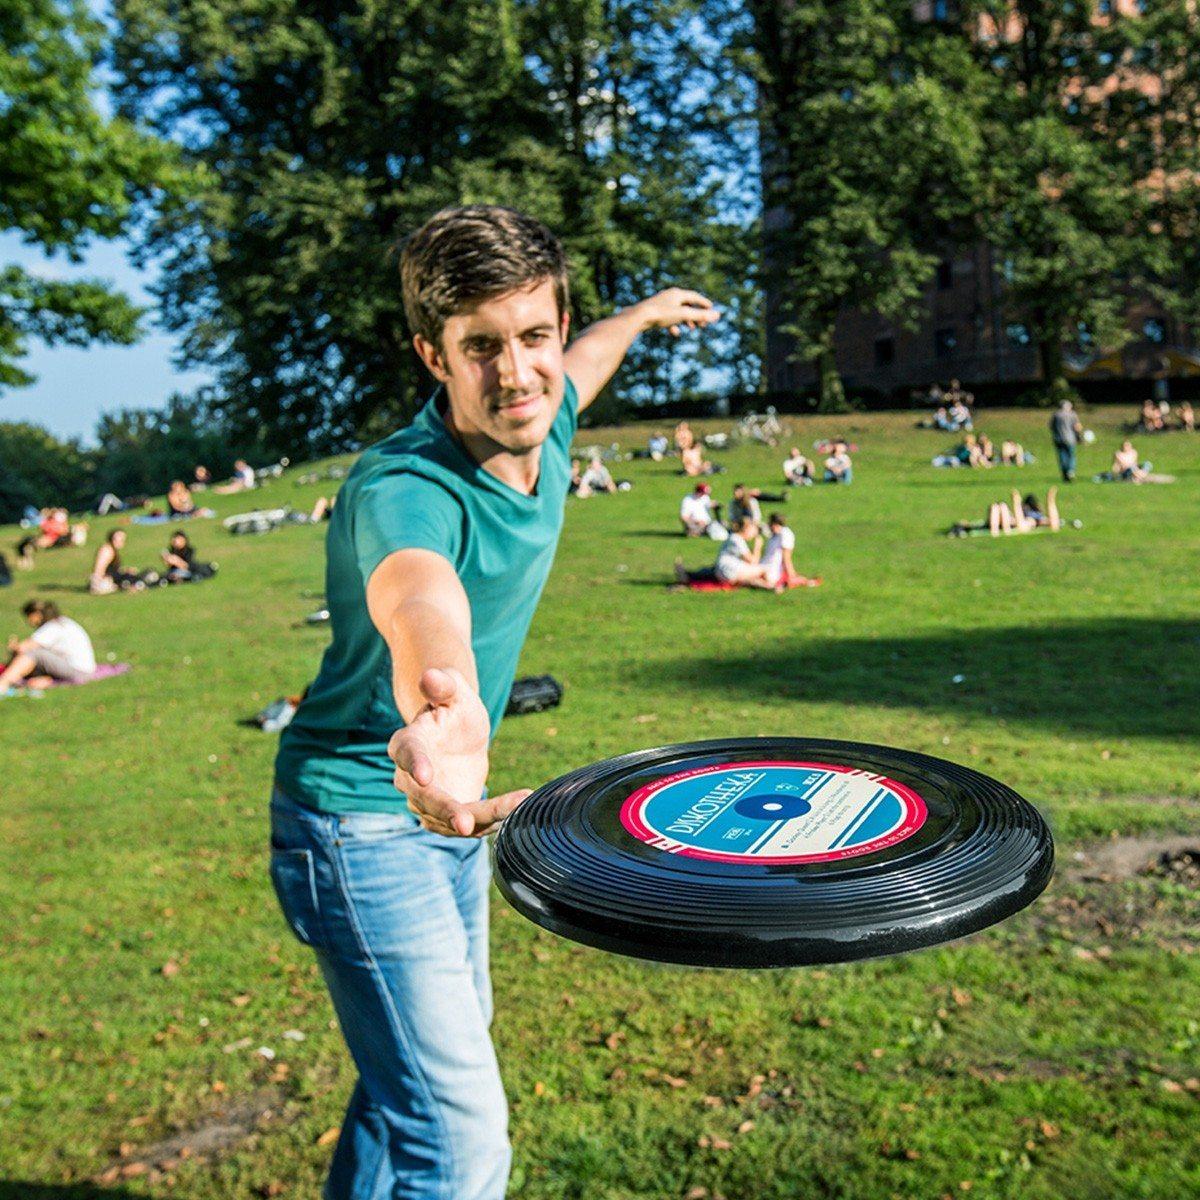 Frisbee med sjovt print